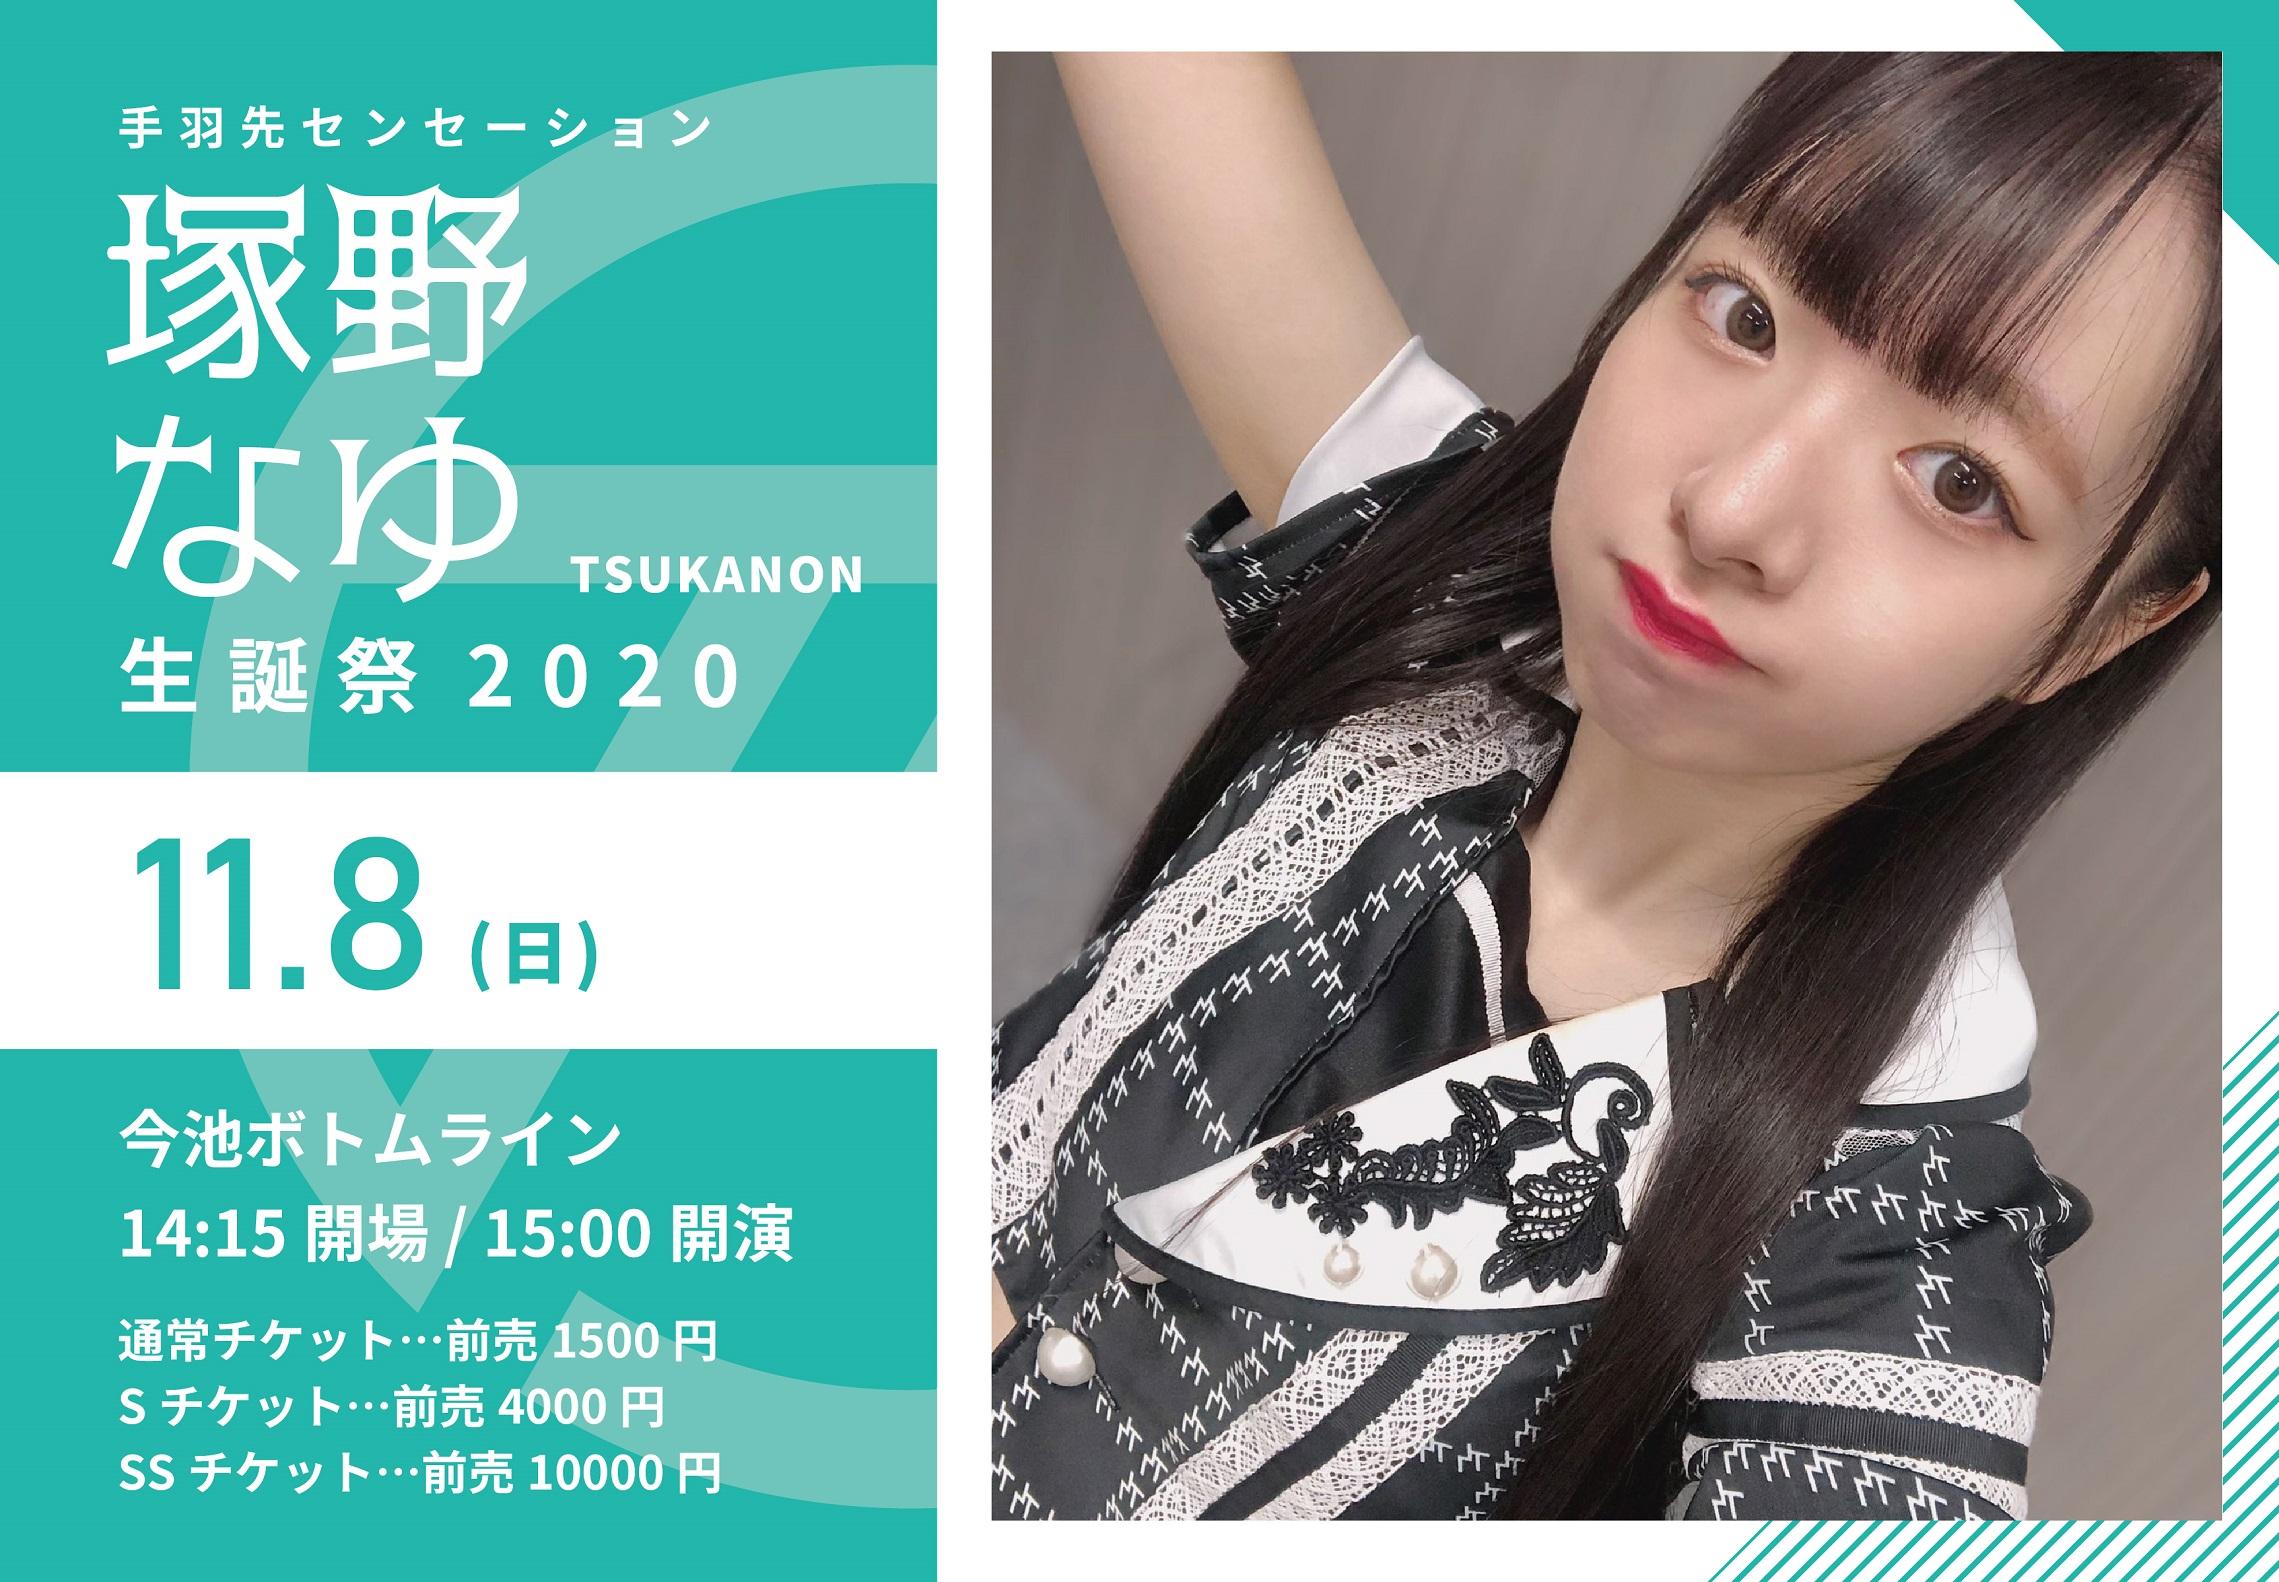 塚野なゆ生誕祭2020